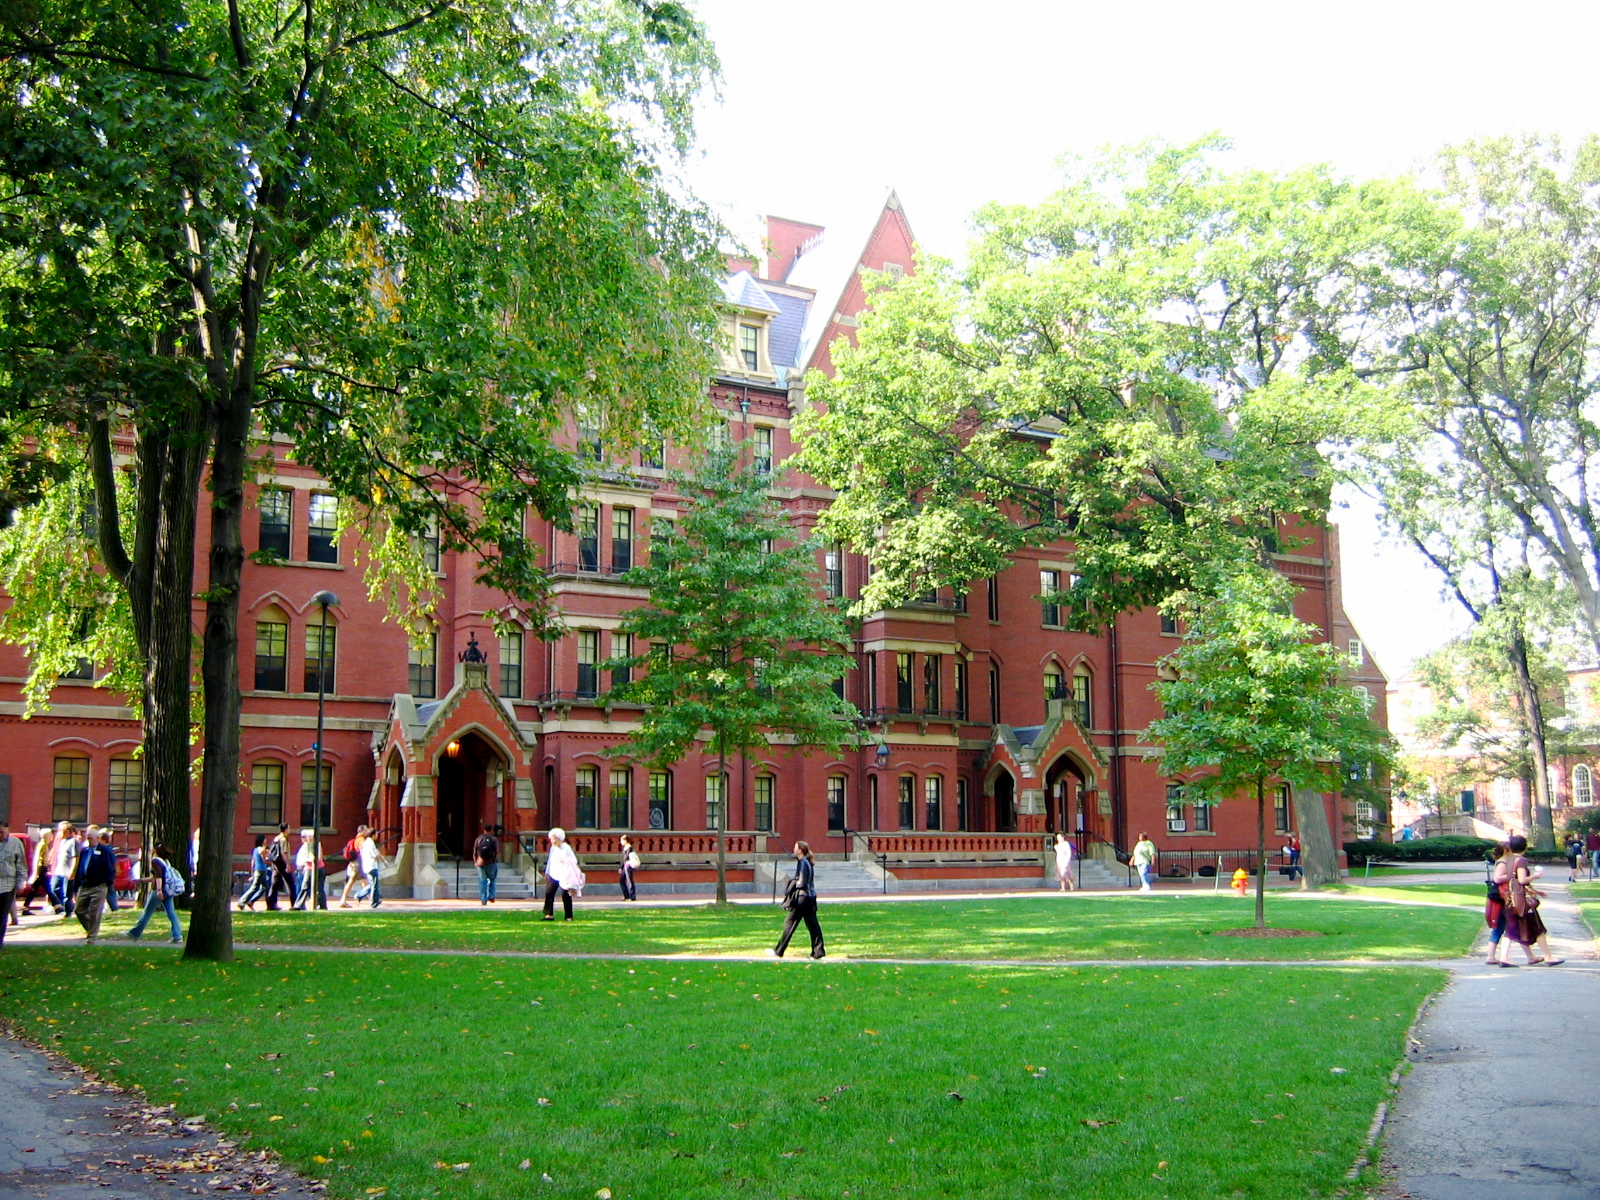 Le Campus D Harvard 224 Cambridge Massachussets 20 The